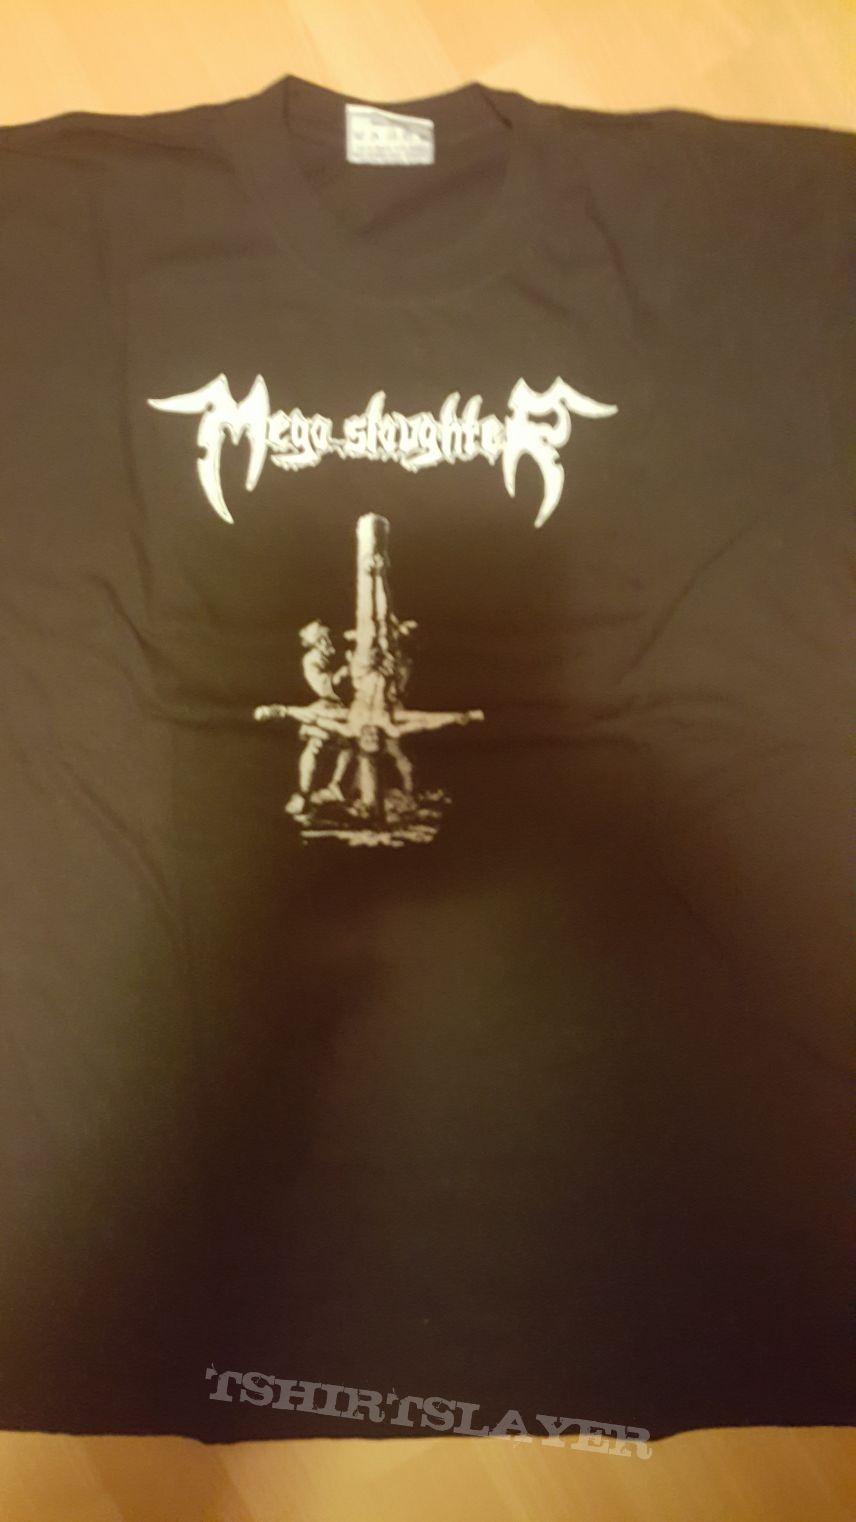 Megaslaughter